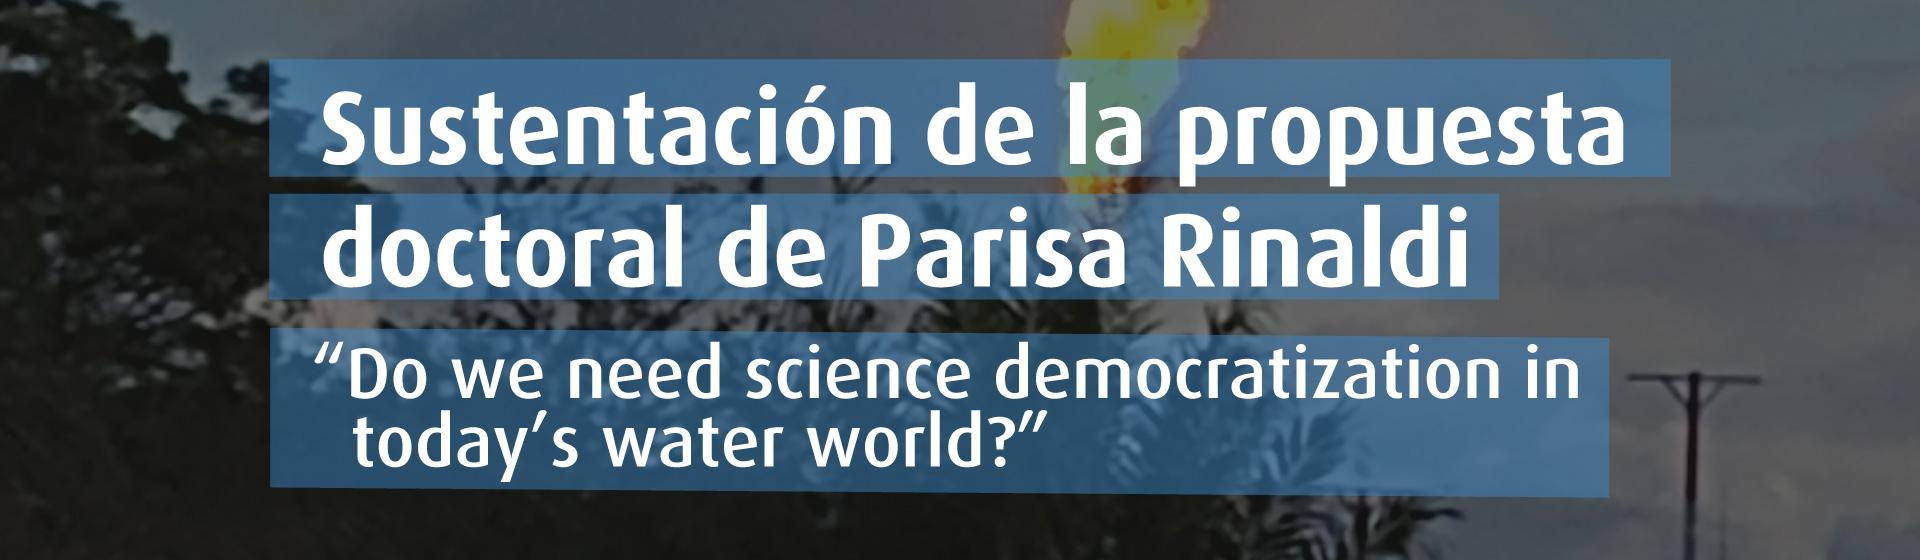 Sustentación de la propuesta doctoral de Parisa Rinaldi- Cider | Uniandes